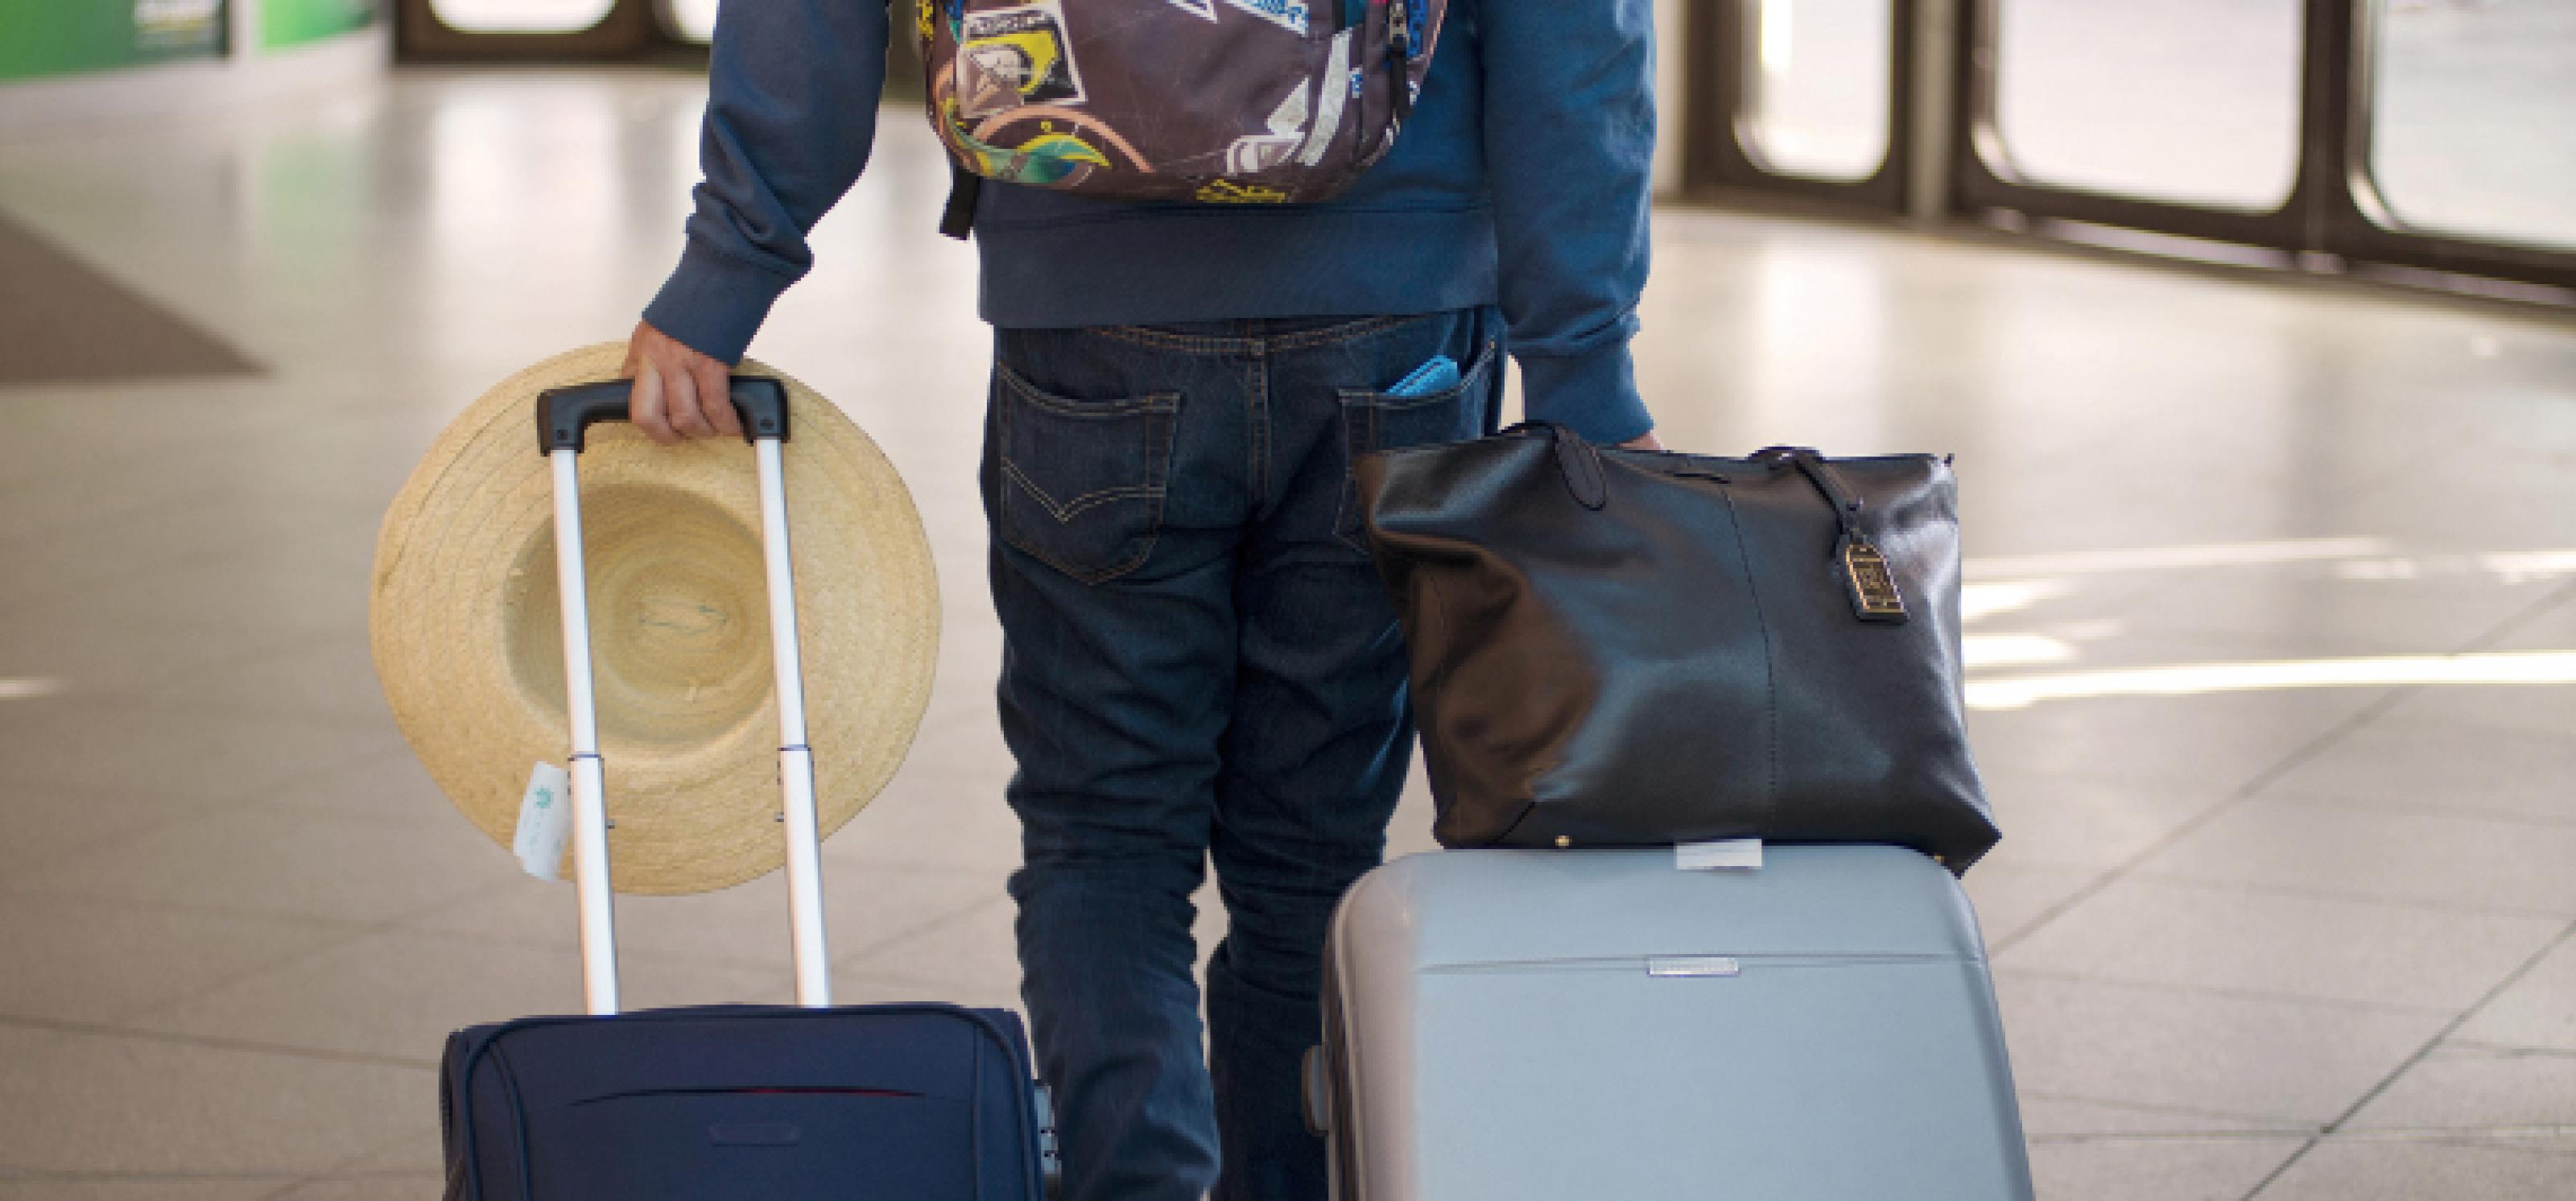 Ein Mann, von hinten fotografiert, zieht zwei Rollkoffer in einem Flughafengebäude hinter sich her